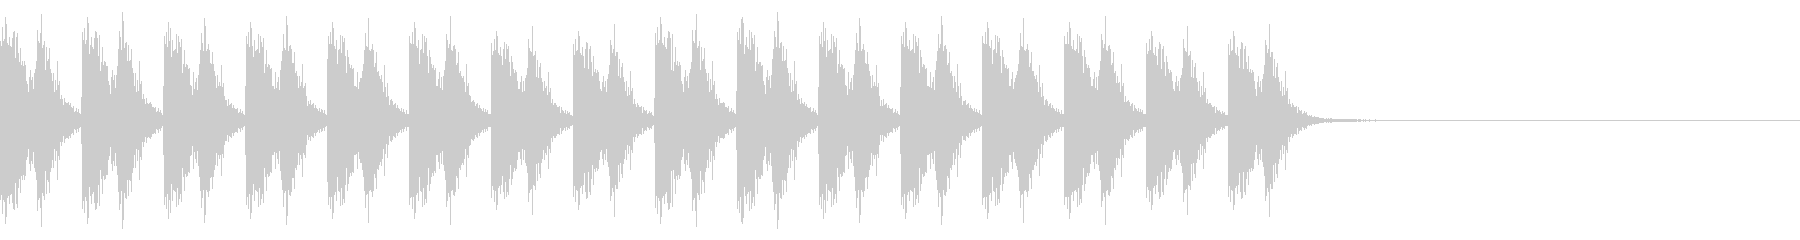 ロボット走るA04の未再生の波形